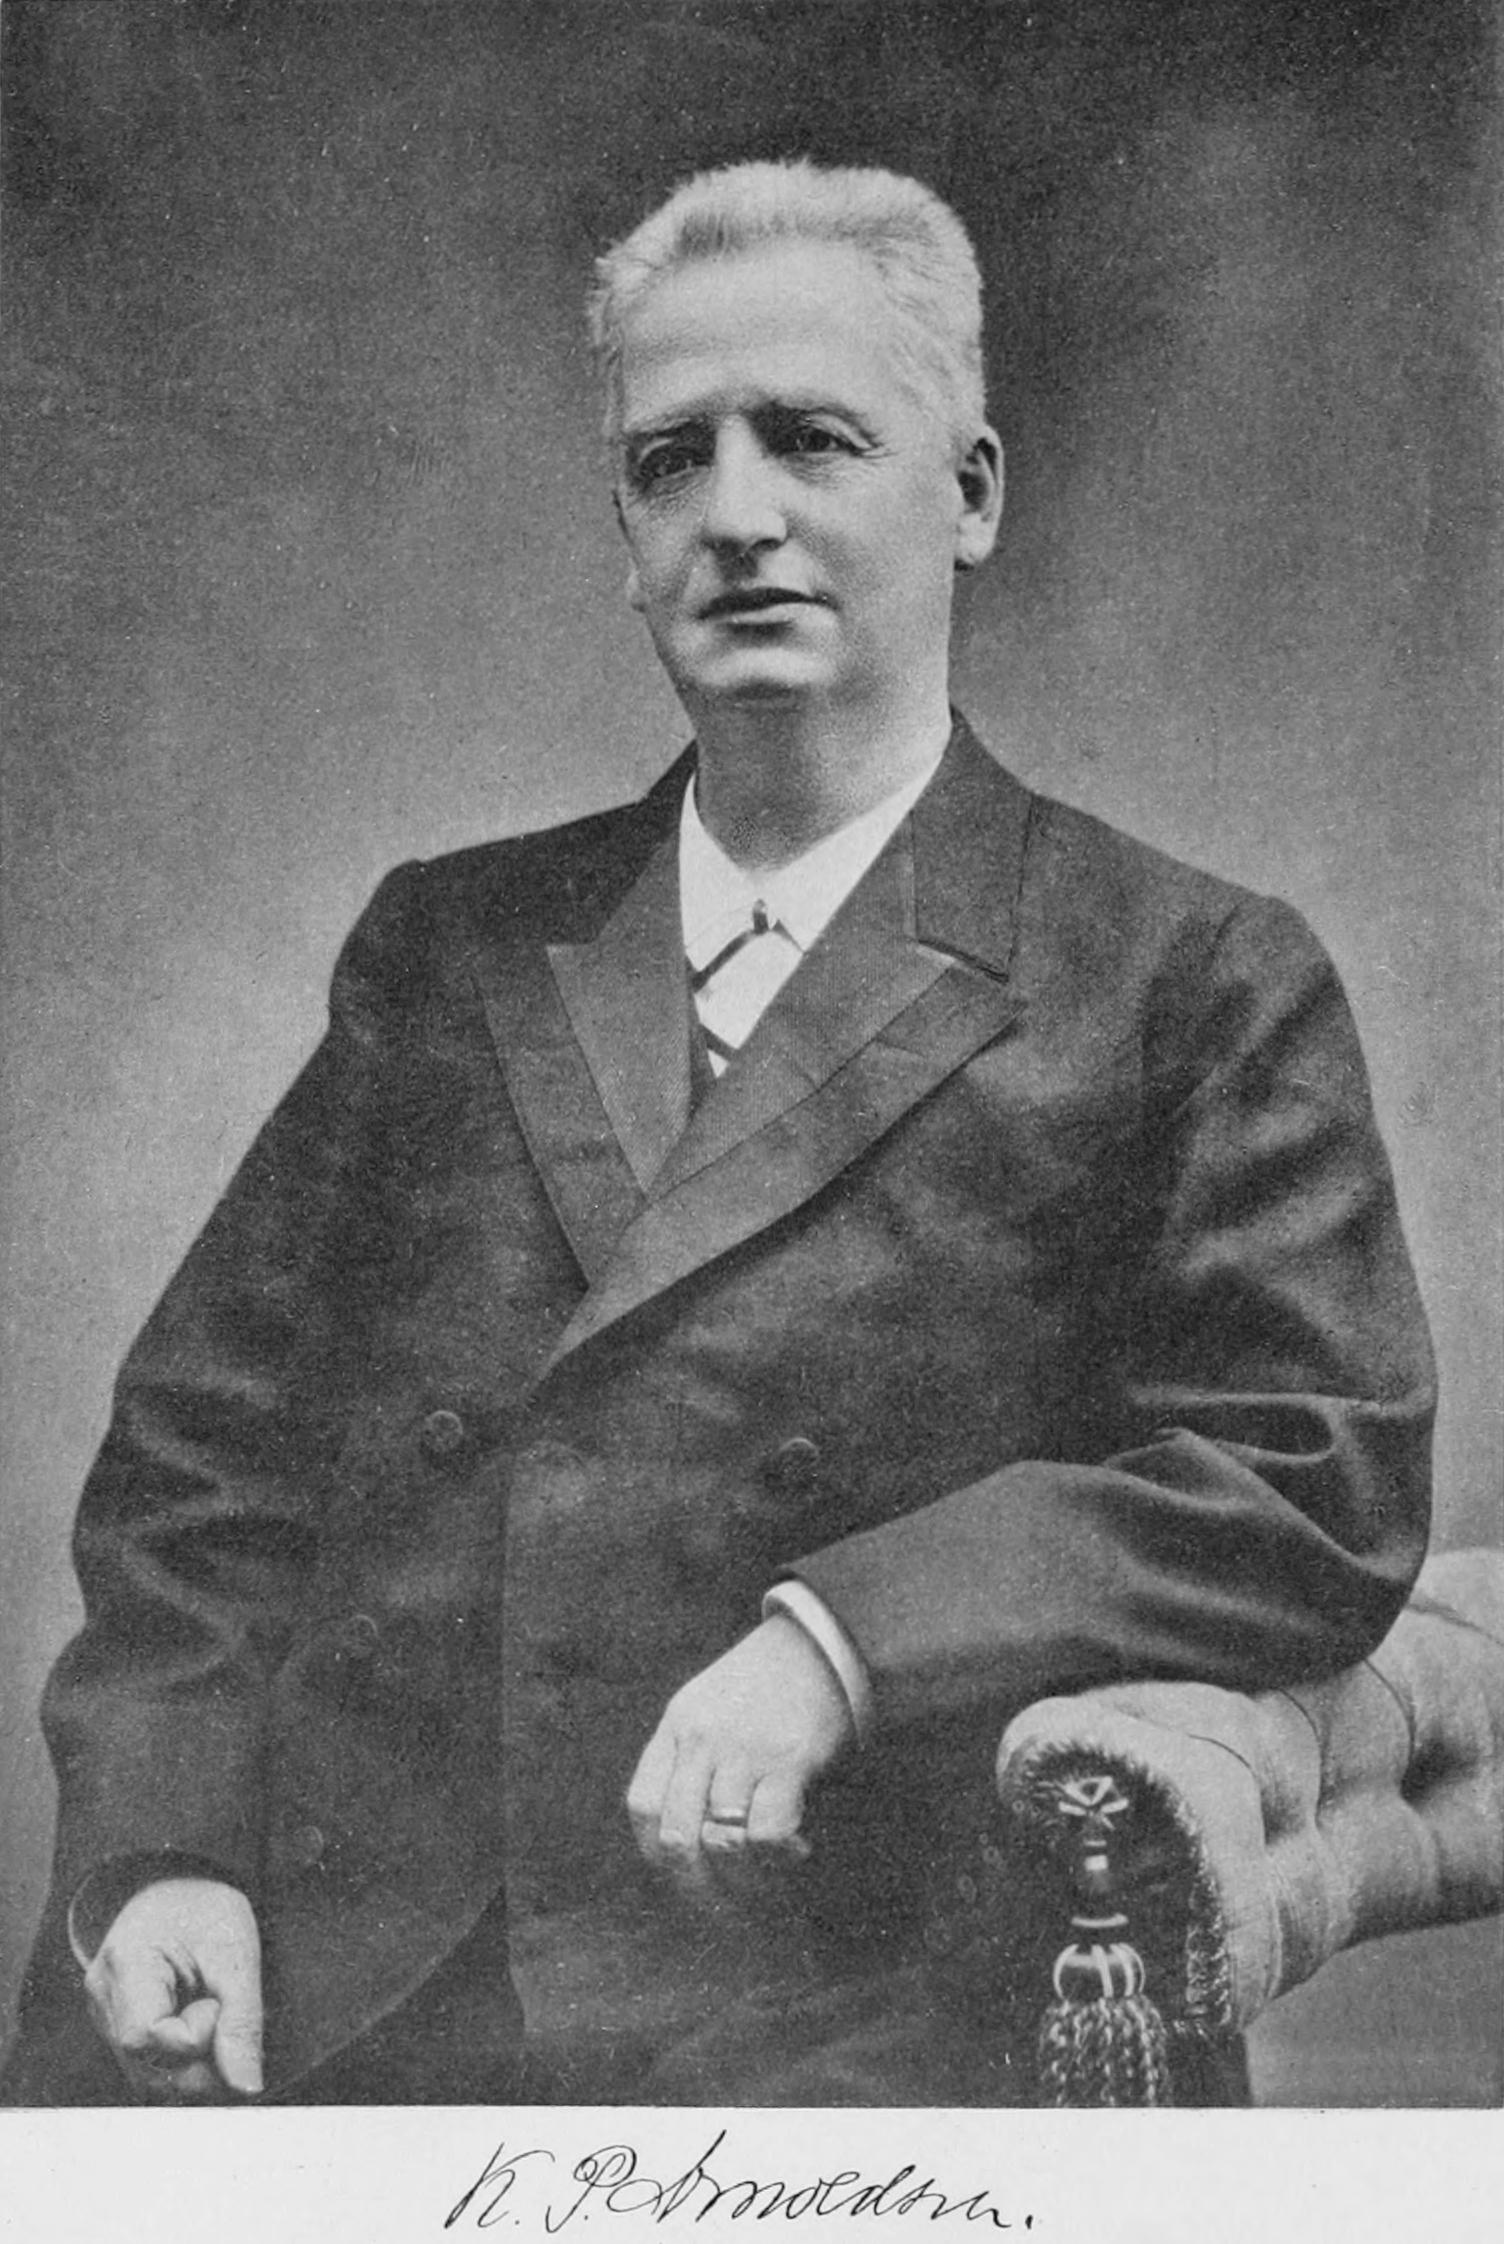 ポントゥス・アルノルドソン - Wikipedia